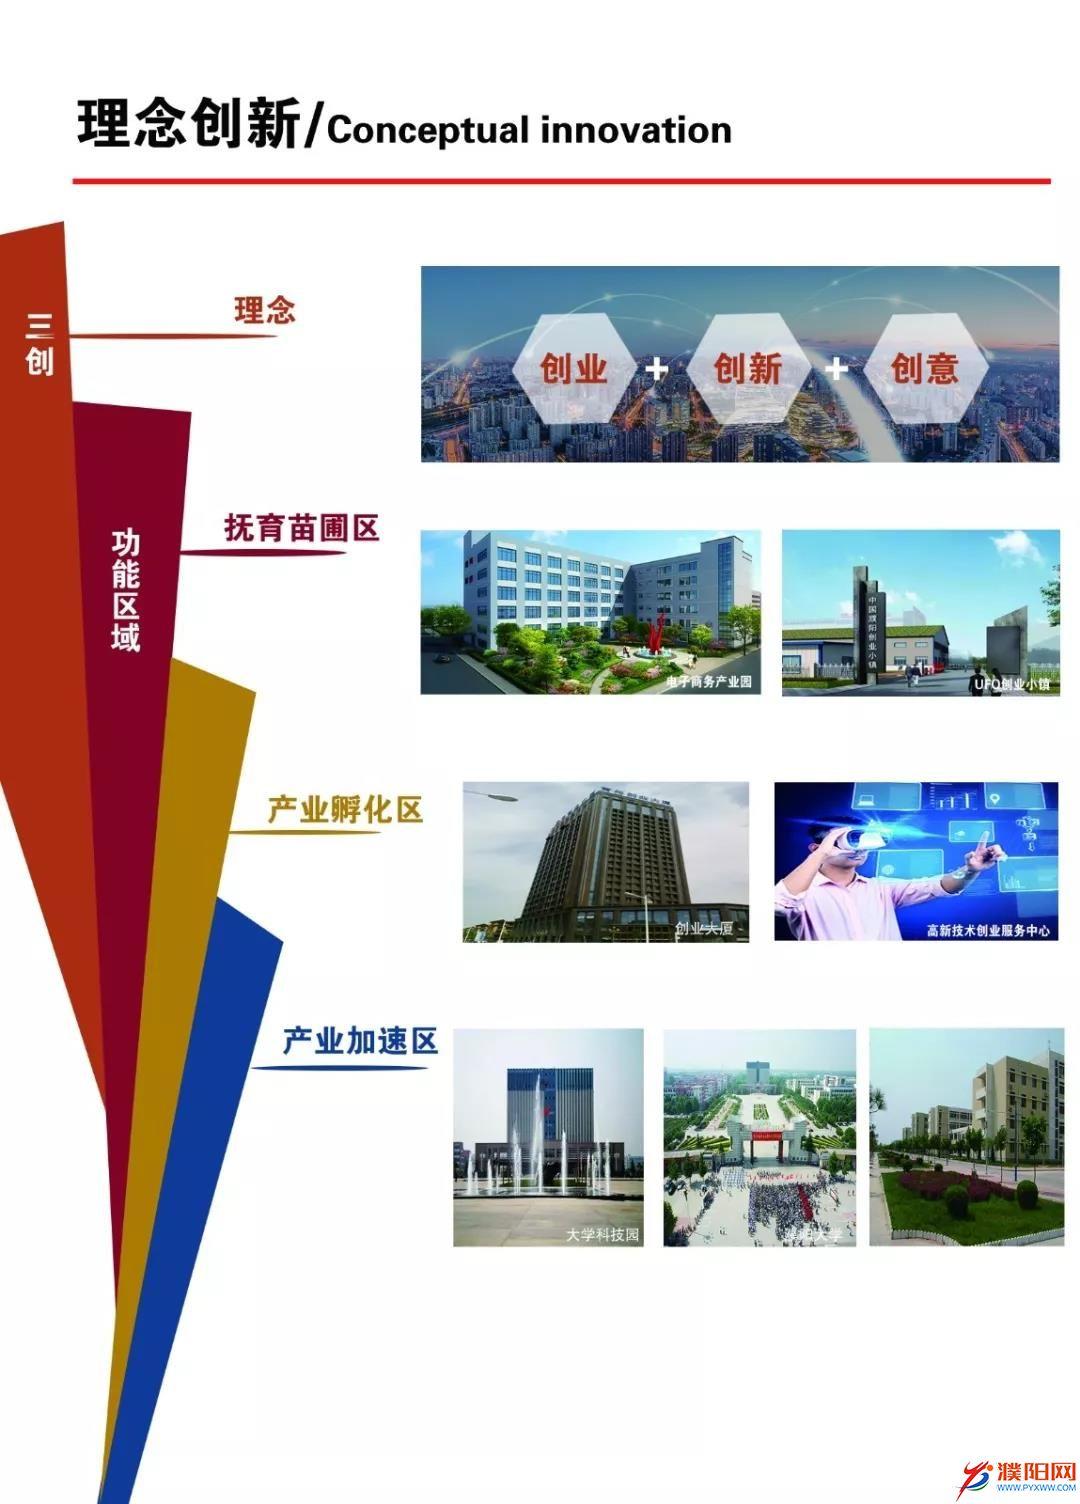 微信图片_20200220210727.jpg